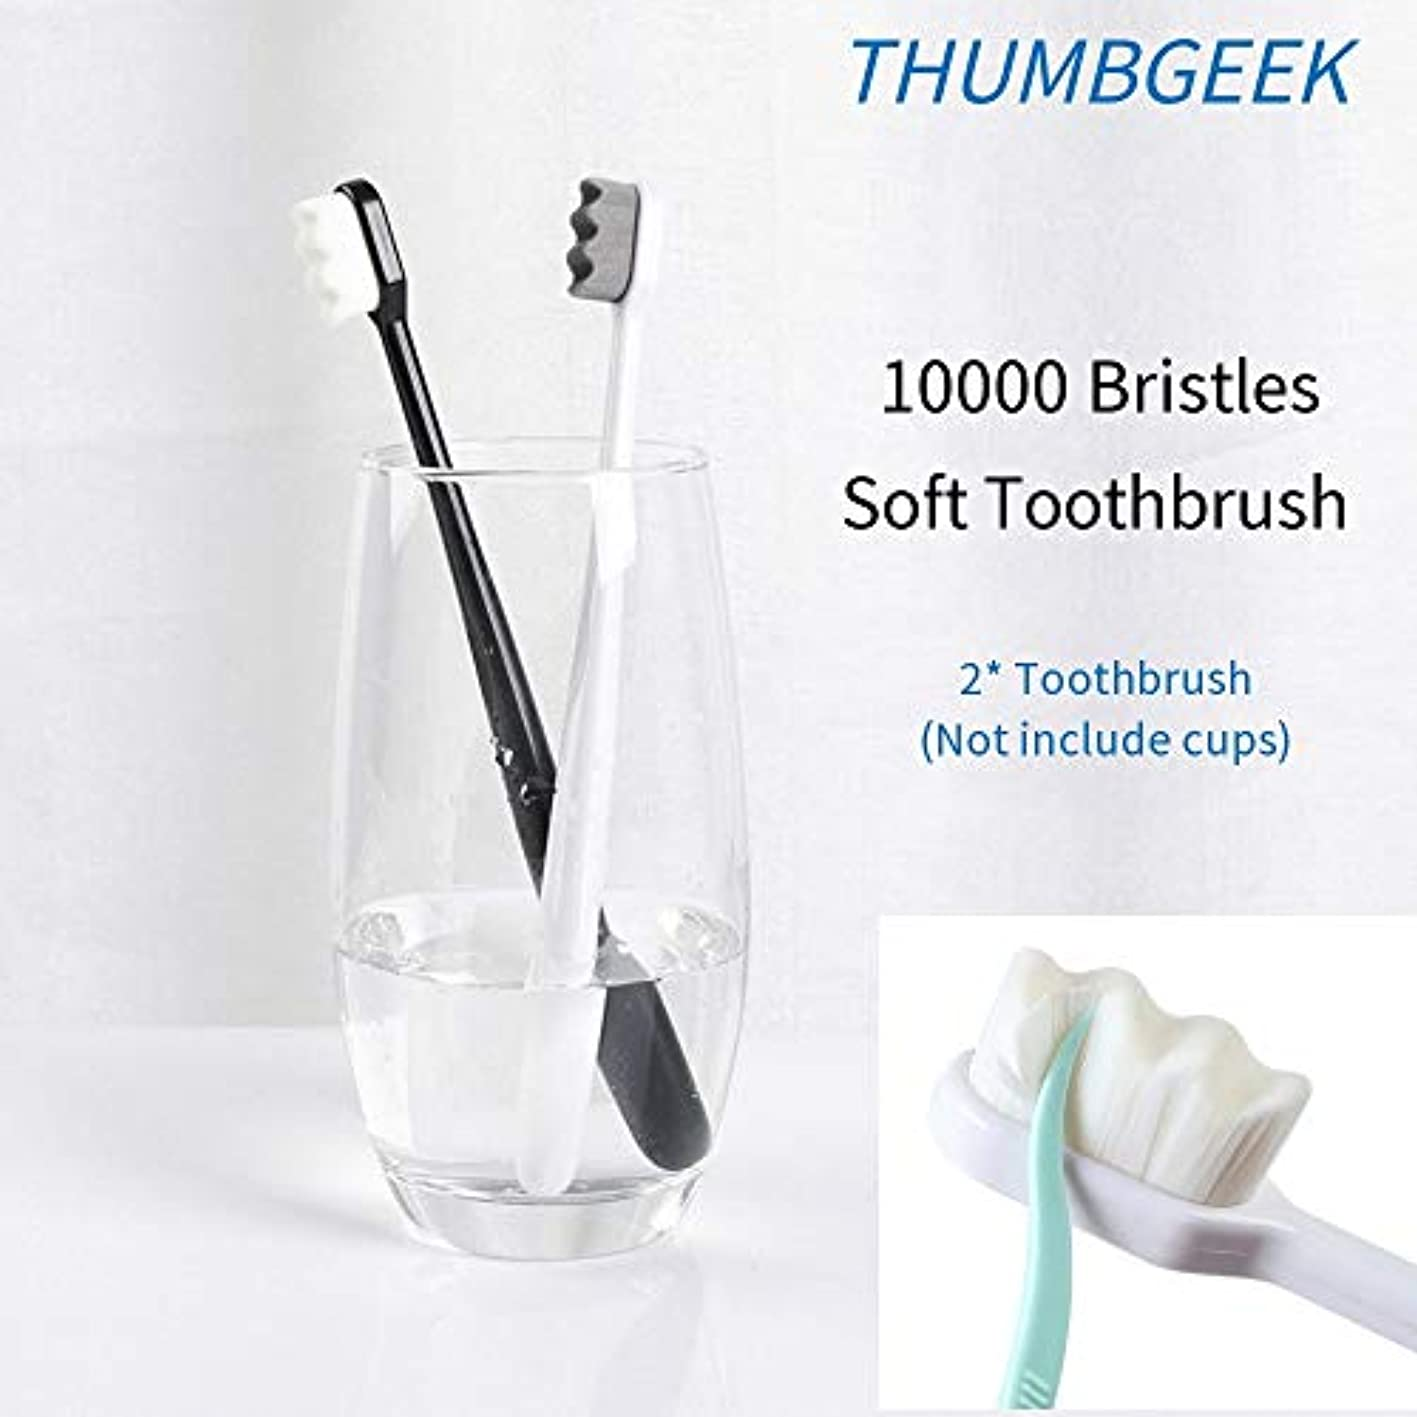 適性ウガンダ肯定的2本の歯ブラシ、ウルトラソフト歯ブラシ、家族の妊娠中の女性用、年配の看護の歯肉に敏感なディープマウスクリーンオーラルケア、手動歯ブラシ